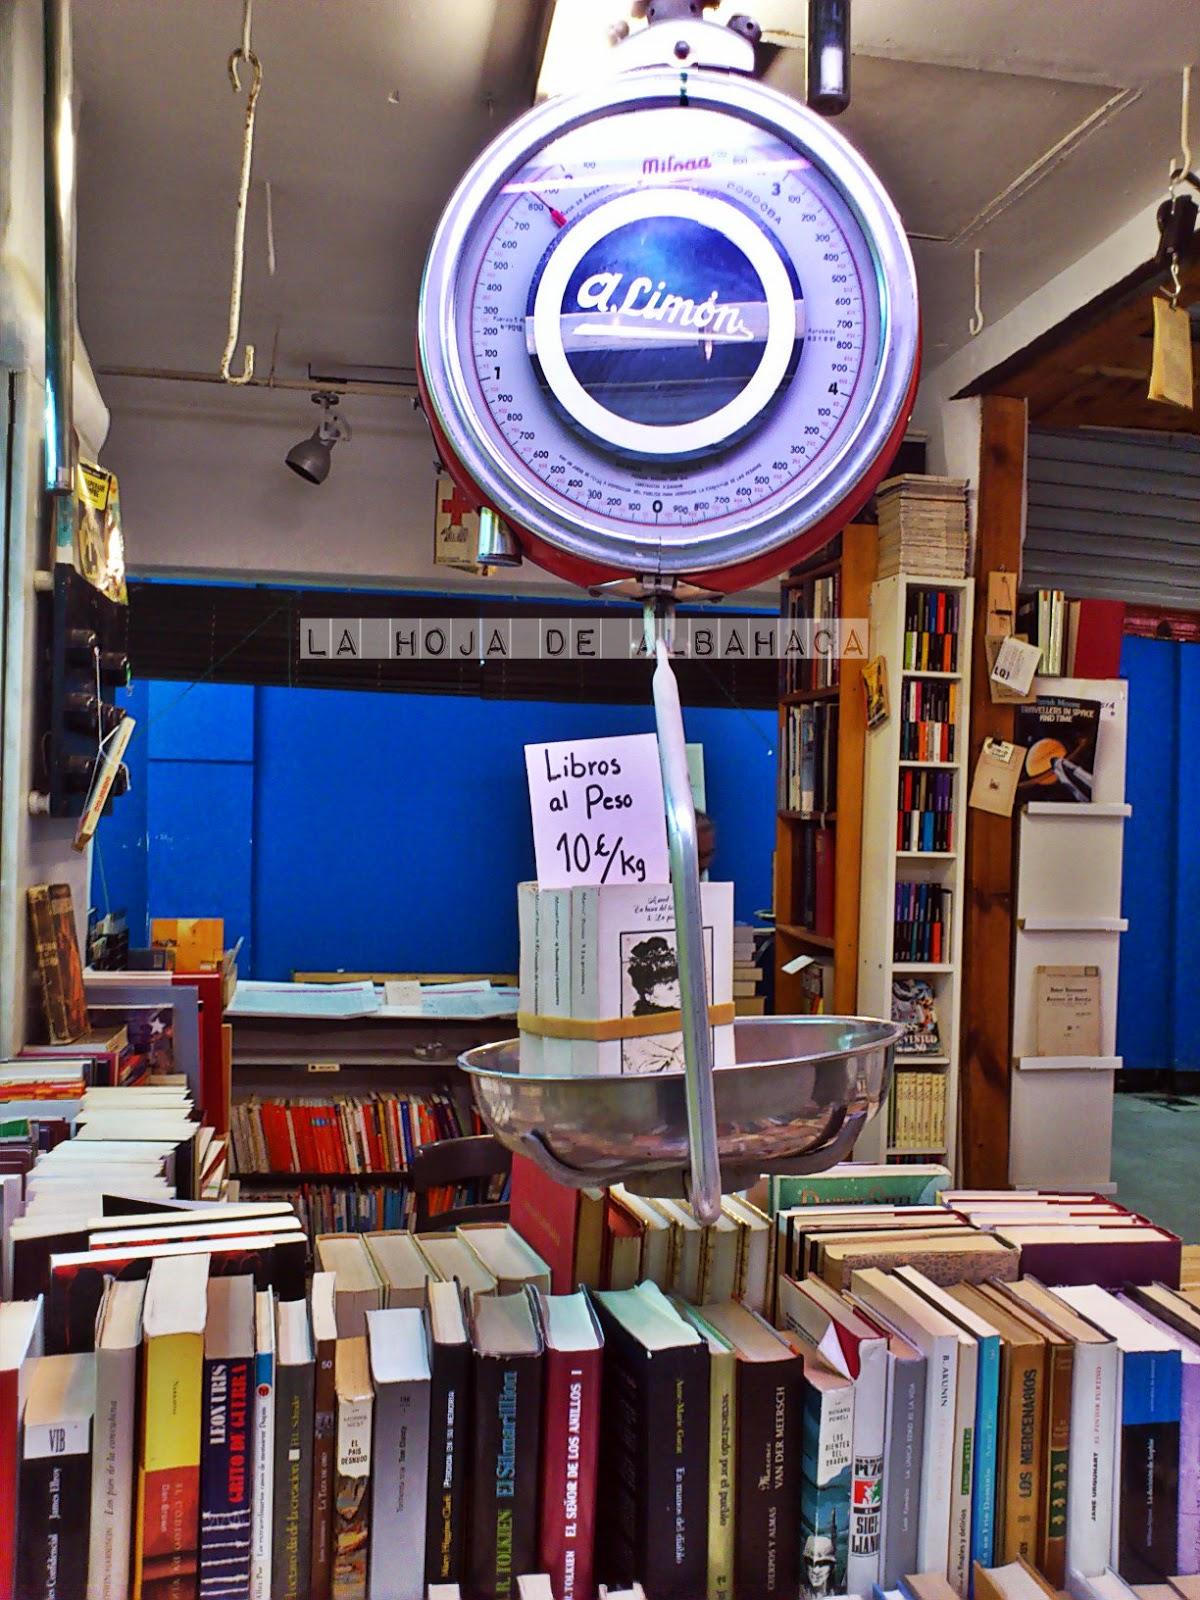 La Casquería, Madrid, Libros, Libros al peso